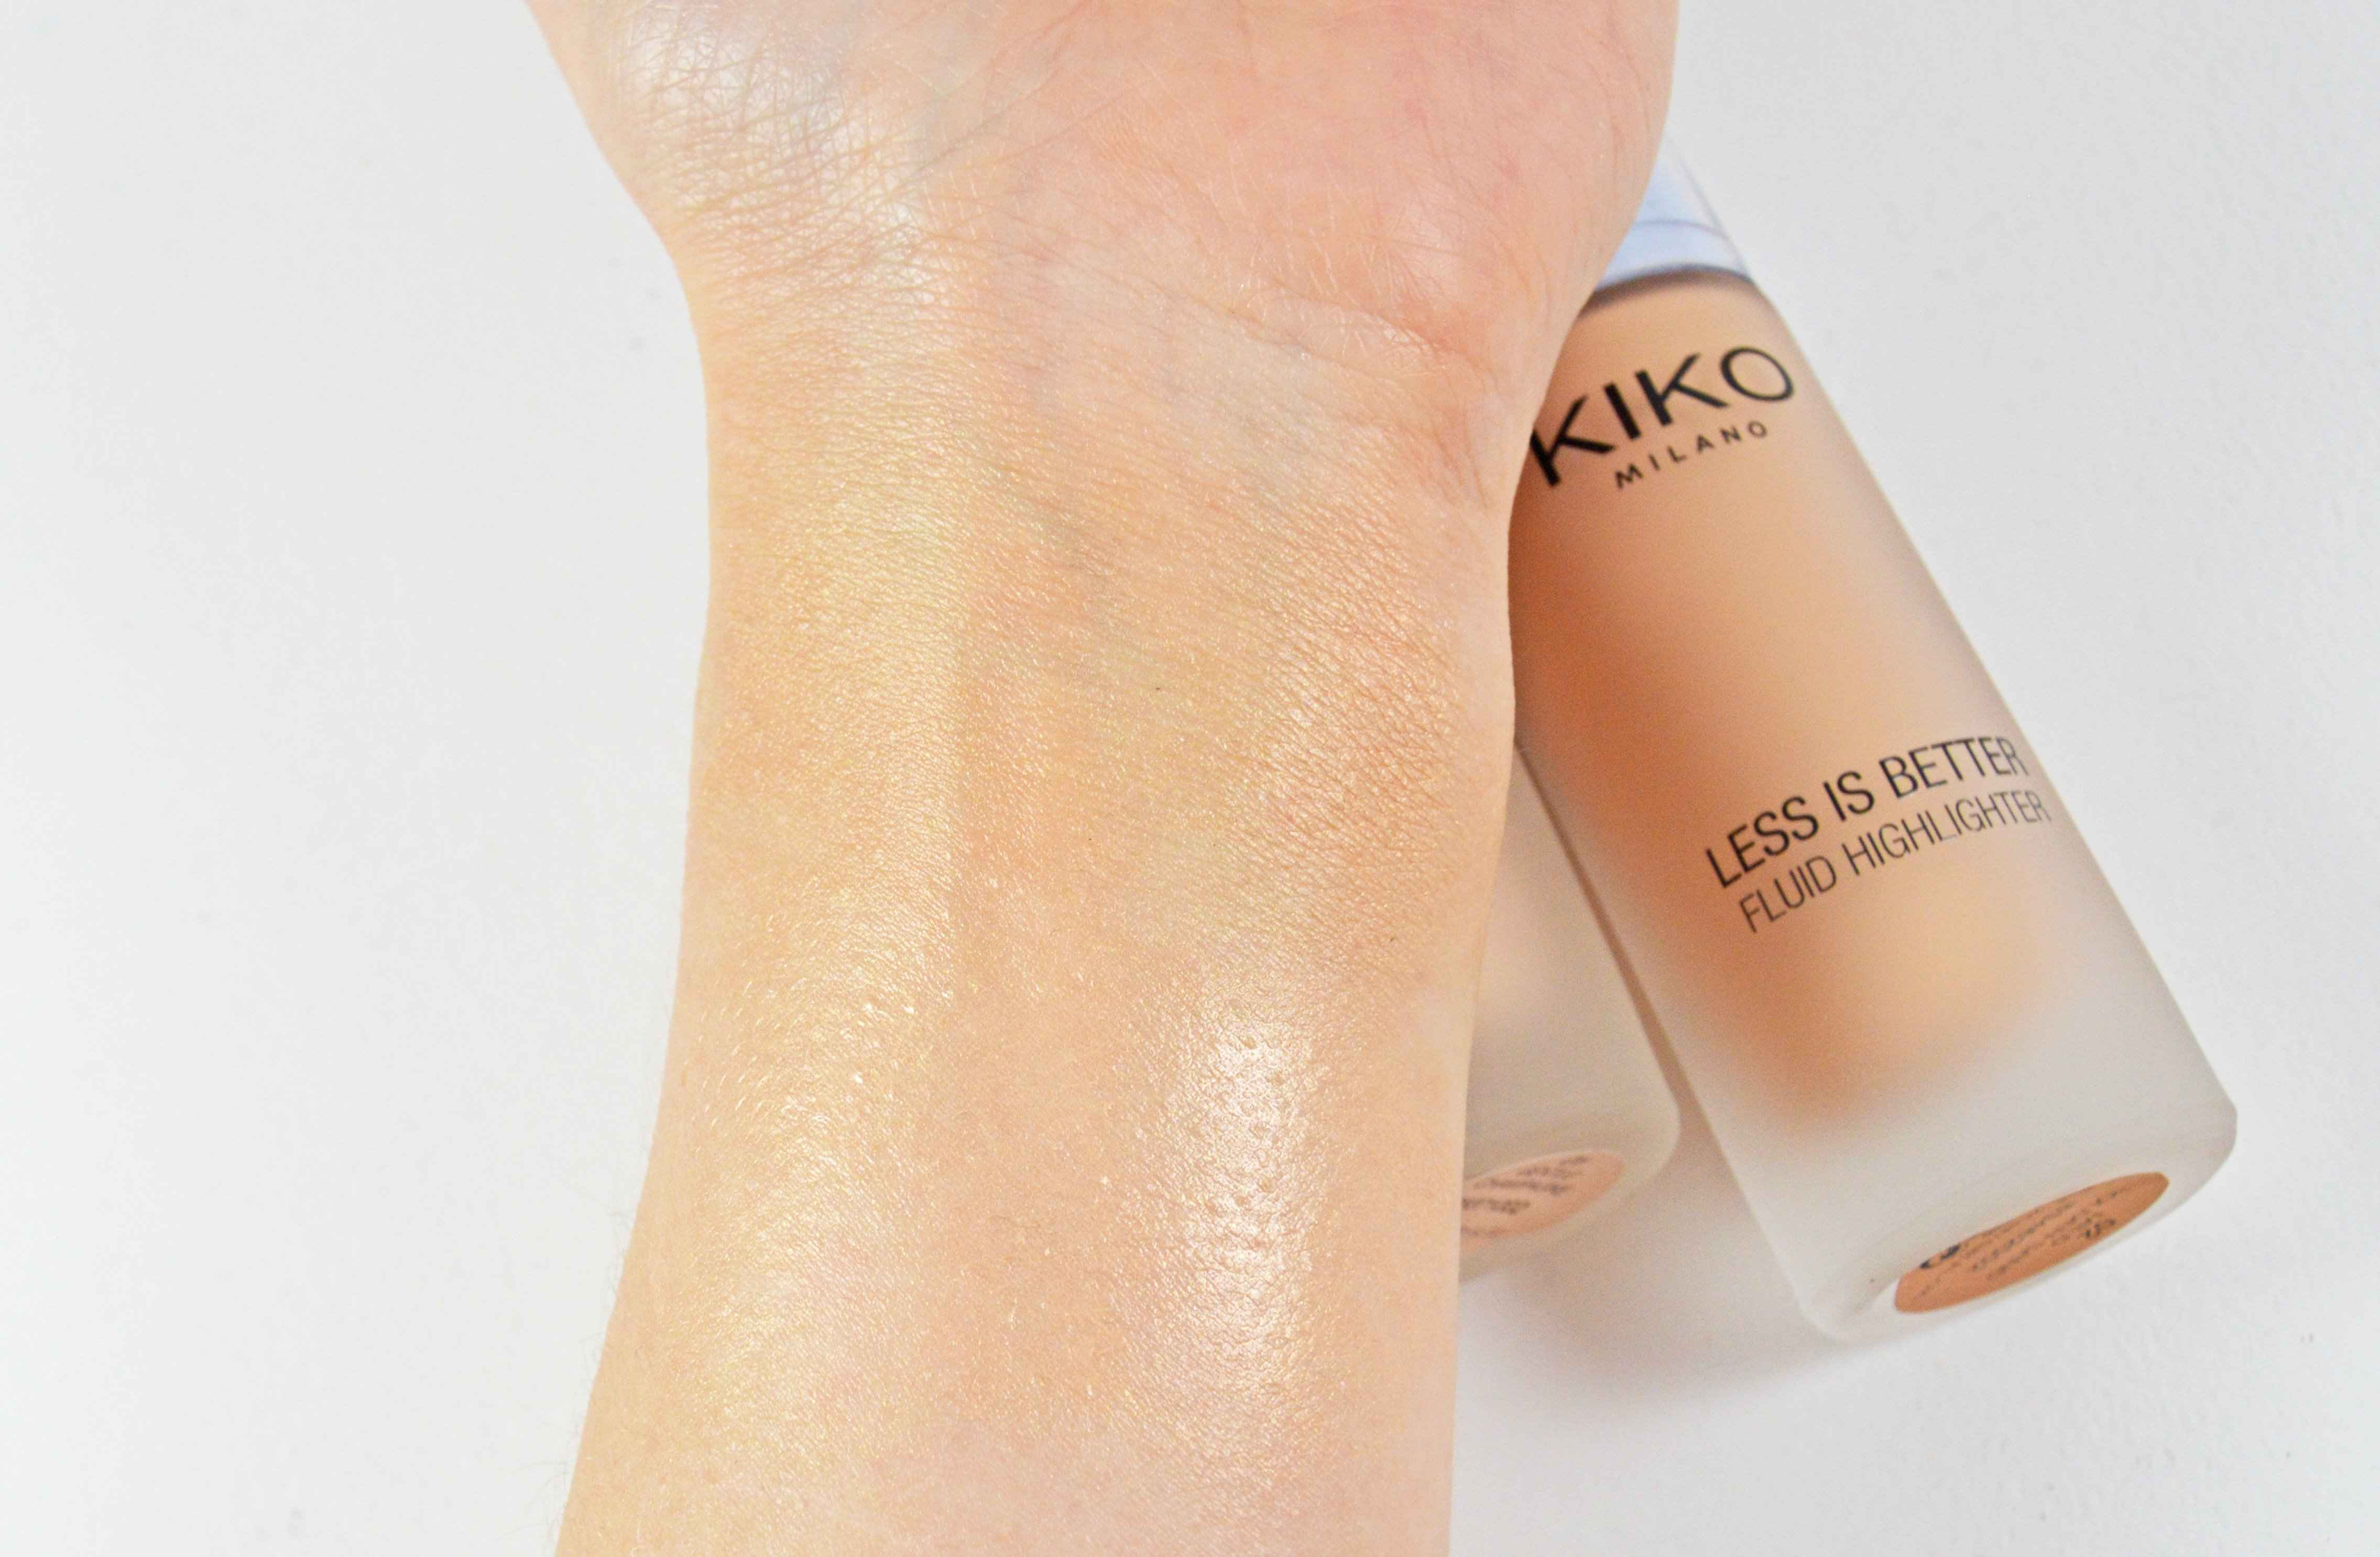 Kiko Less is better Superduper fluid highlighter swatches